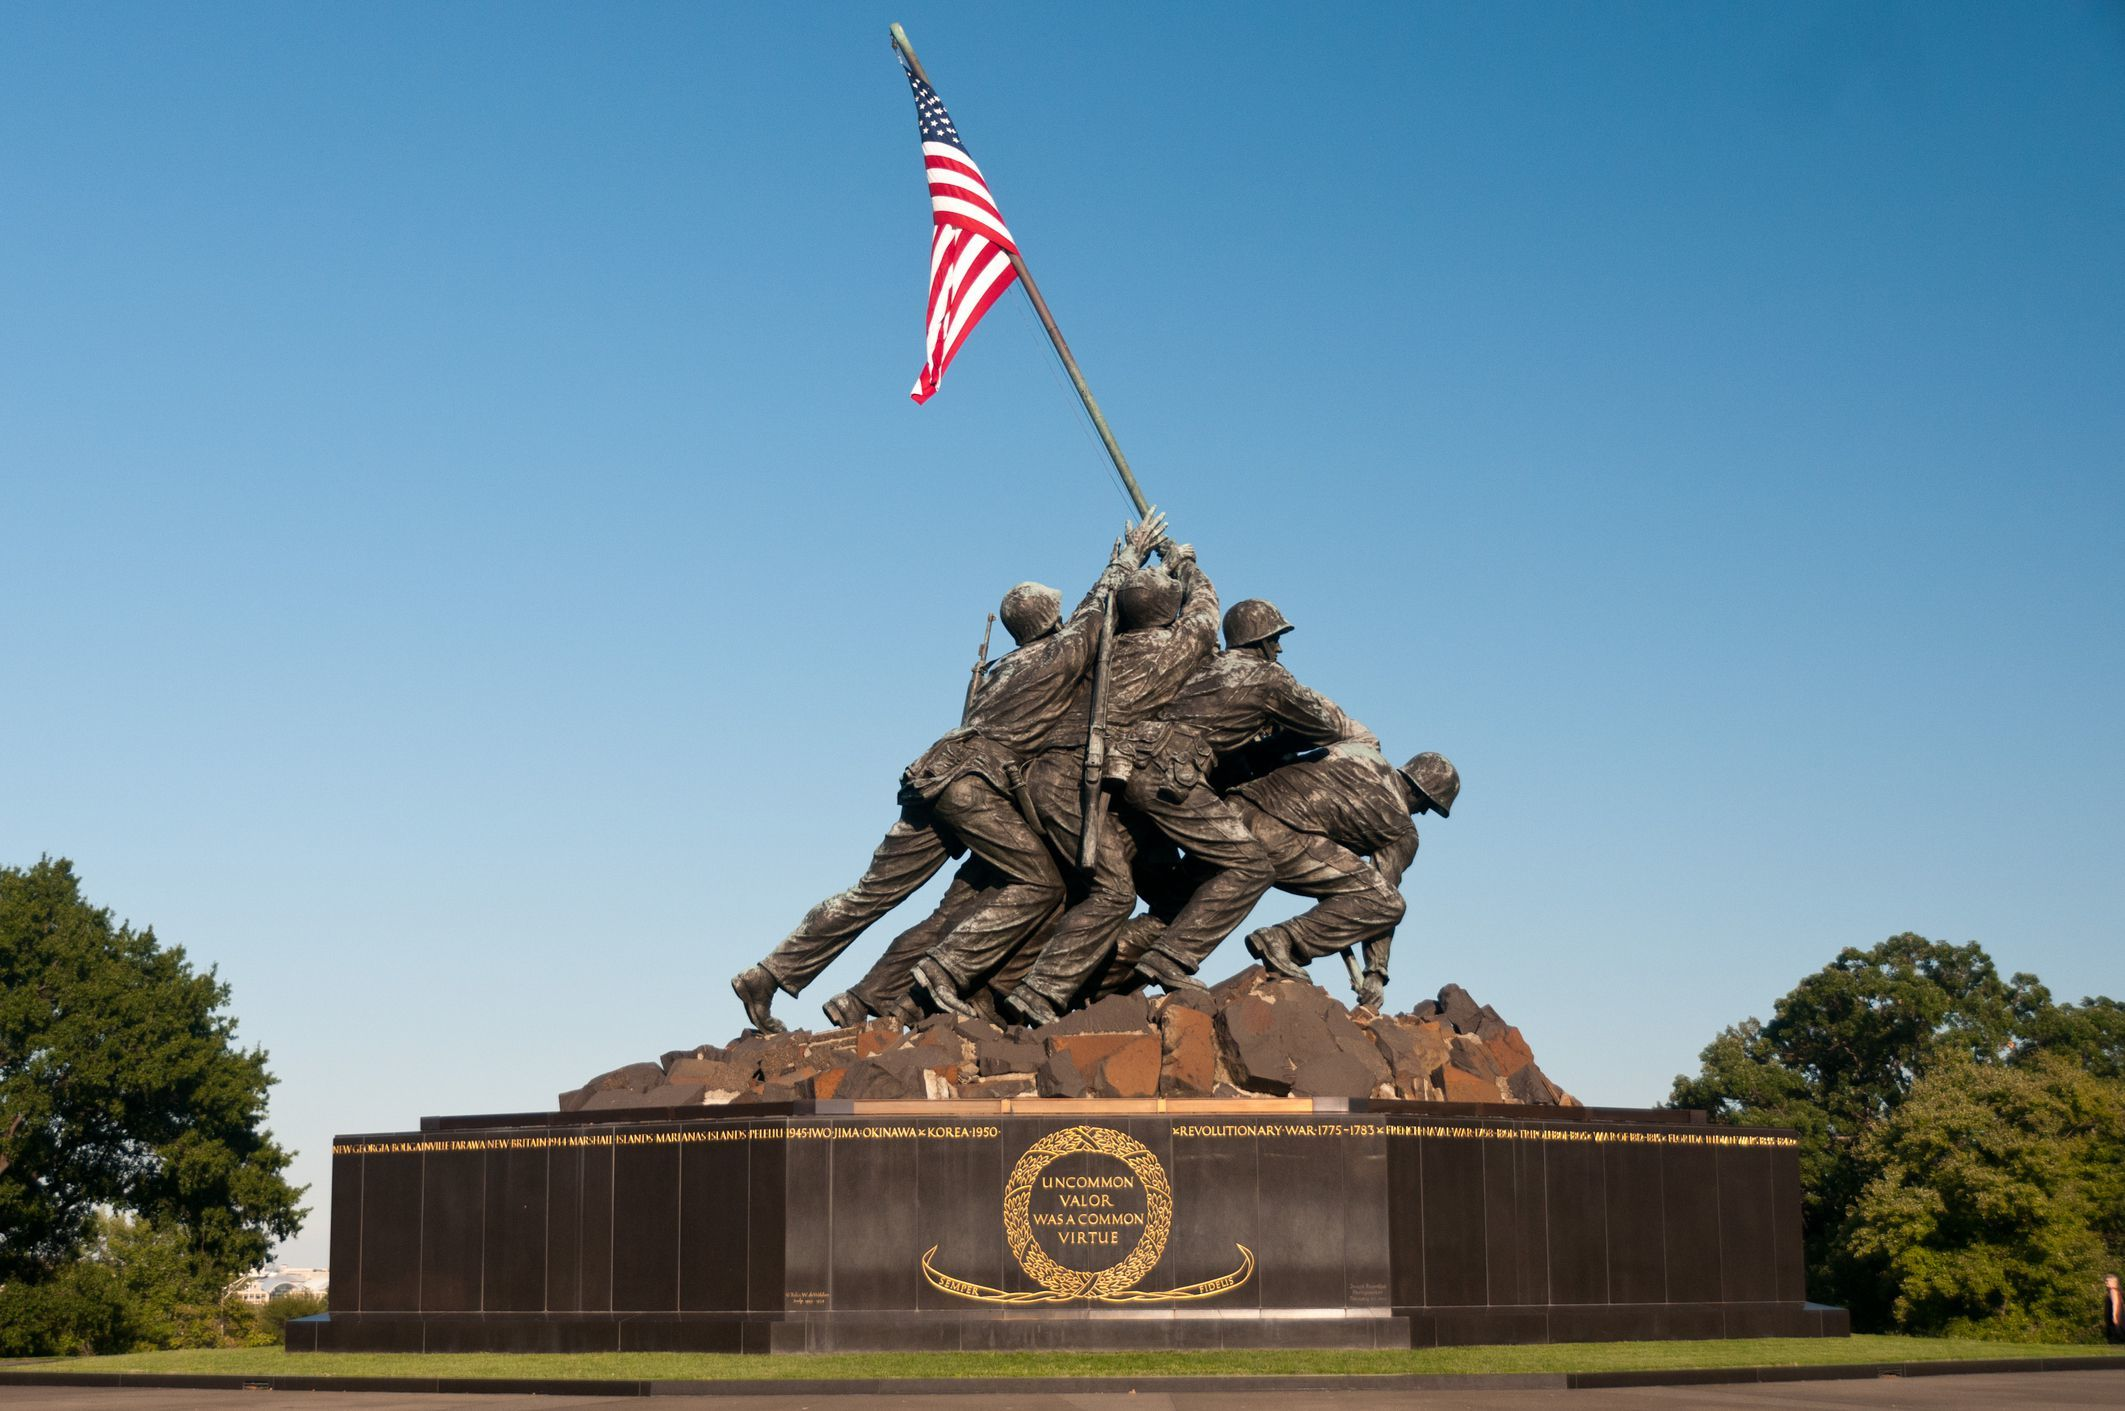 Người Mỹ tức giận khi Taliban 'tái hiện' bức ảnh cắm cờ Mỹ trên đảo Iwo Jima